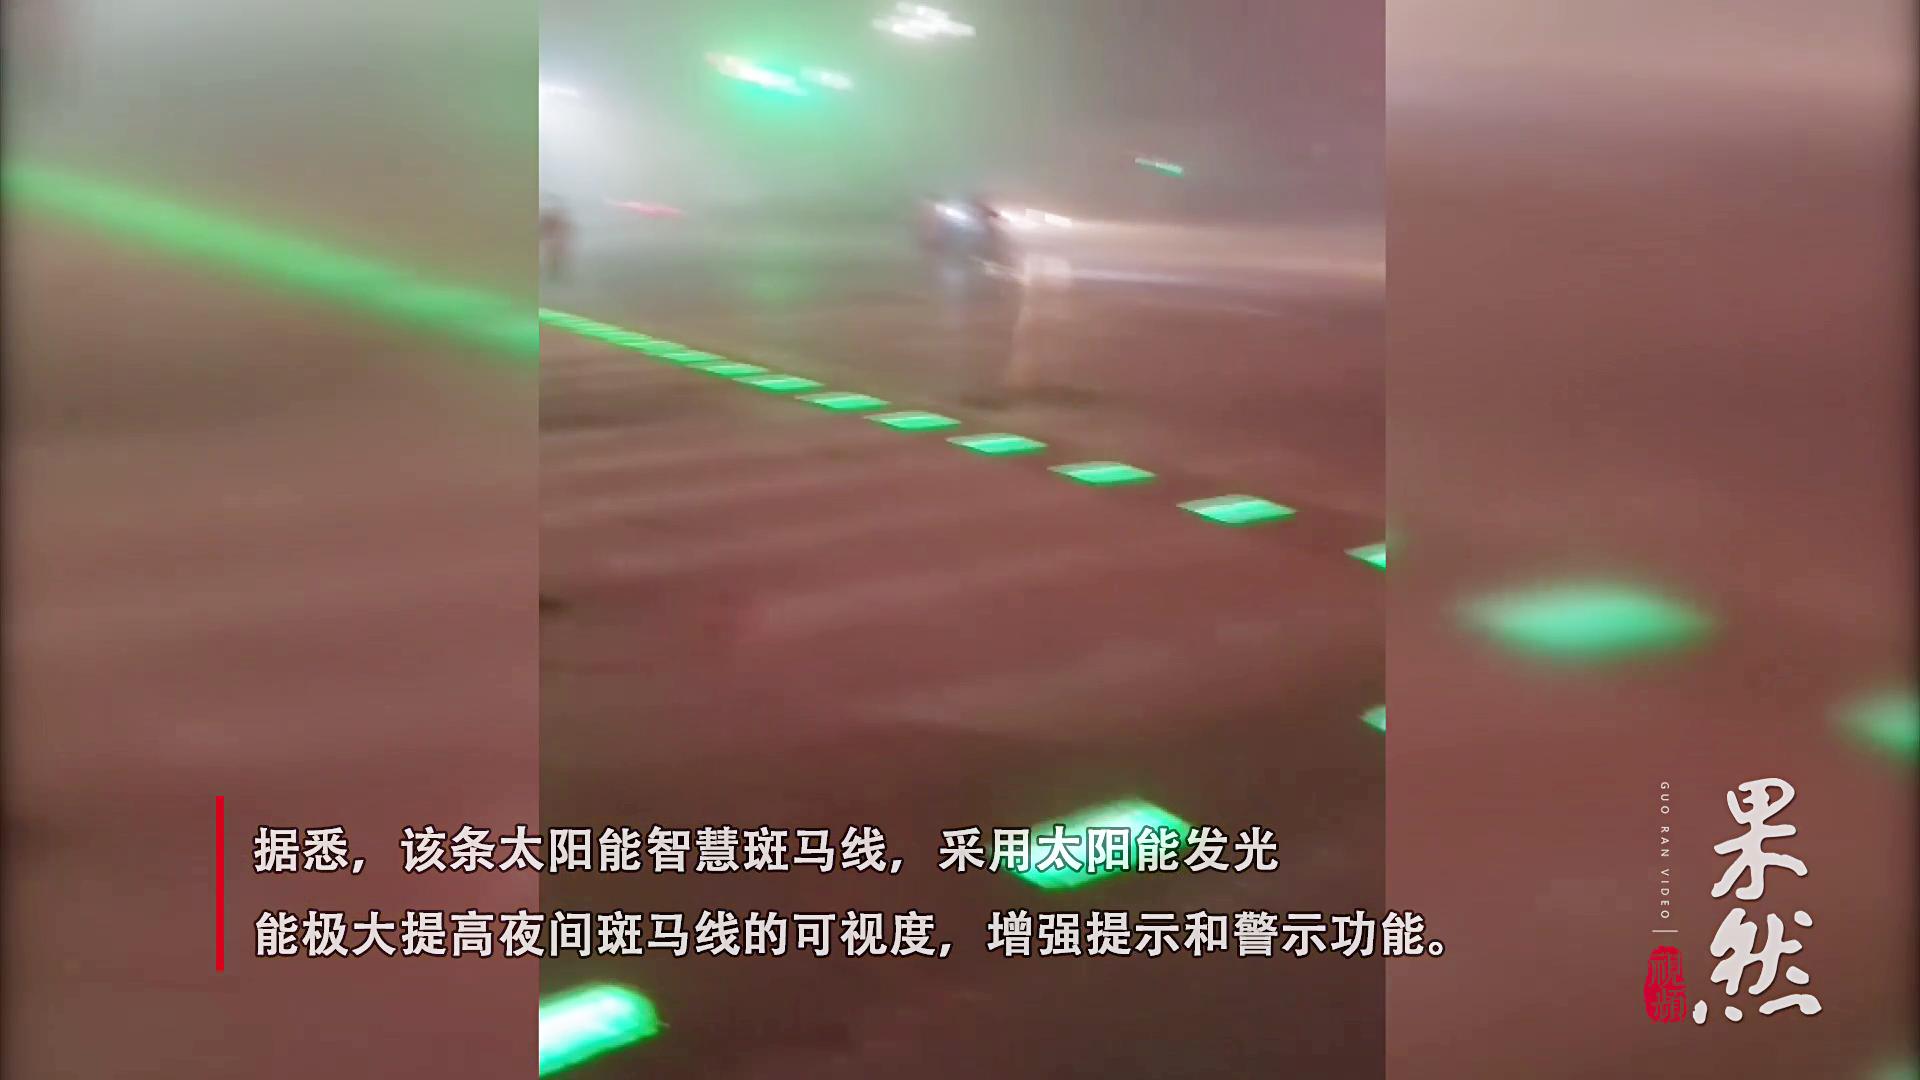 果然视频丨全国县级城市首条!太阳能智慧斑马线亮相聊城冠县街头